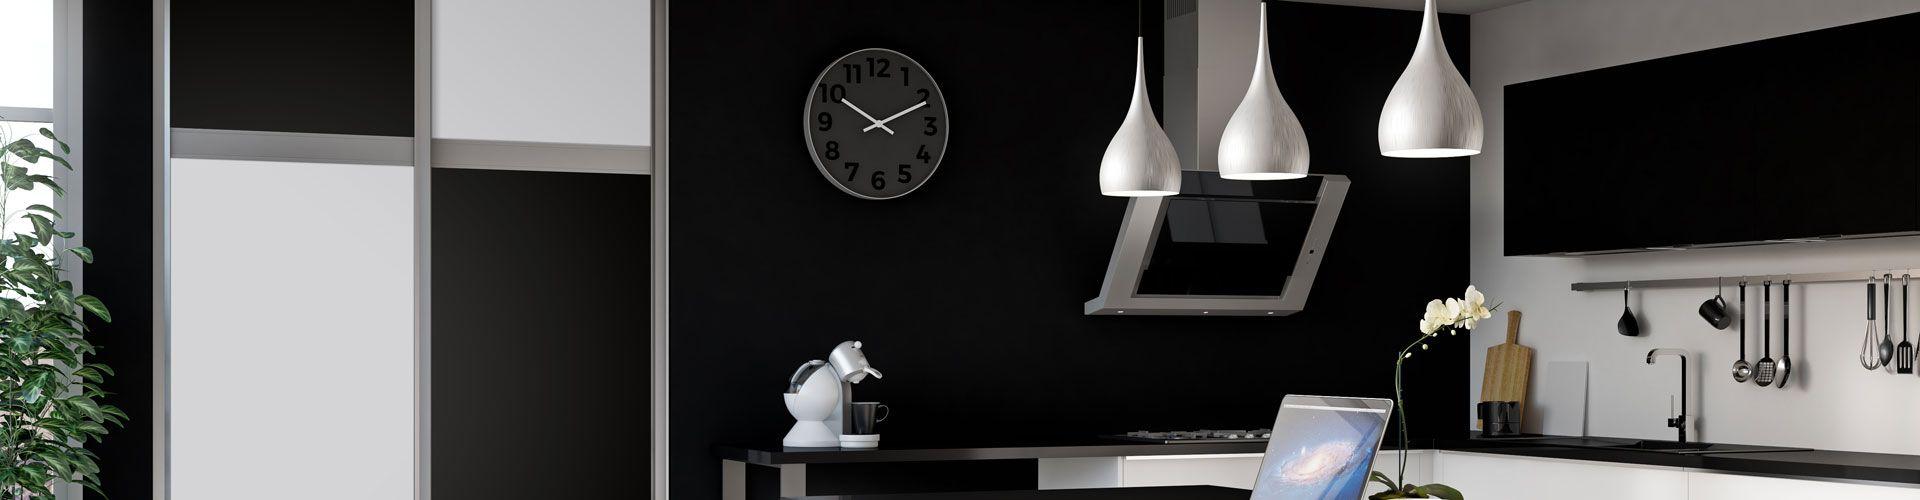 portes de placard coulissantes damier noir et blanc kazed. Black Bedroom Furniture Sets. Home Design Ideas